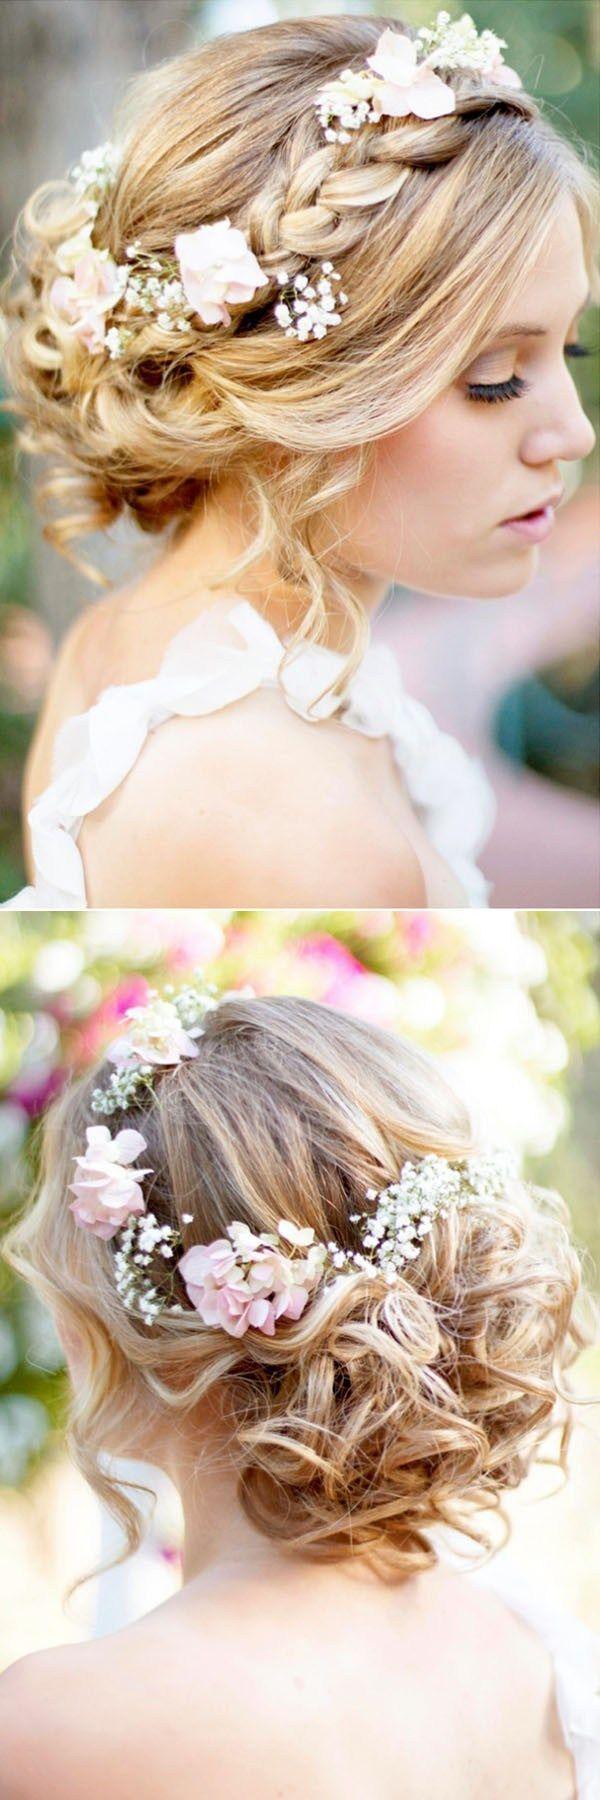 7 Trendige Hochzeitsfrisuren mit Blumen, #BrauthaarModelle #Brautfrisur #Hochzeit #Hochzeitszeremonie #Hochzeitsideen #RustikalHochzeitsideen #Hochzeit # ...